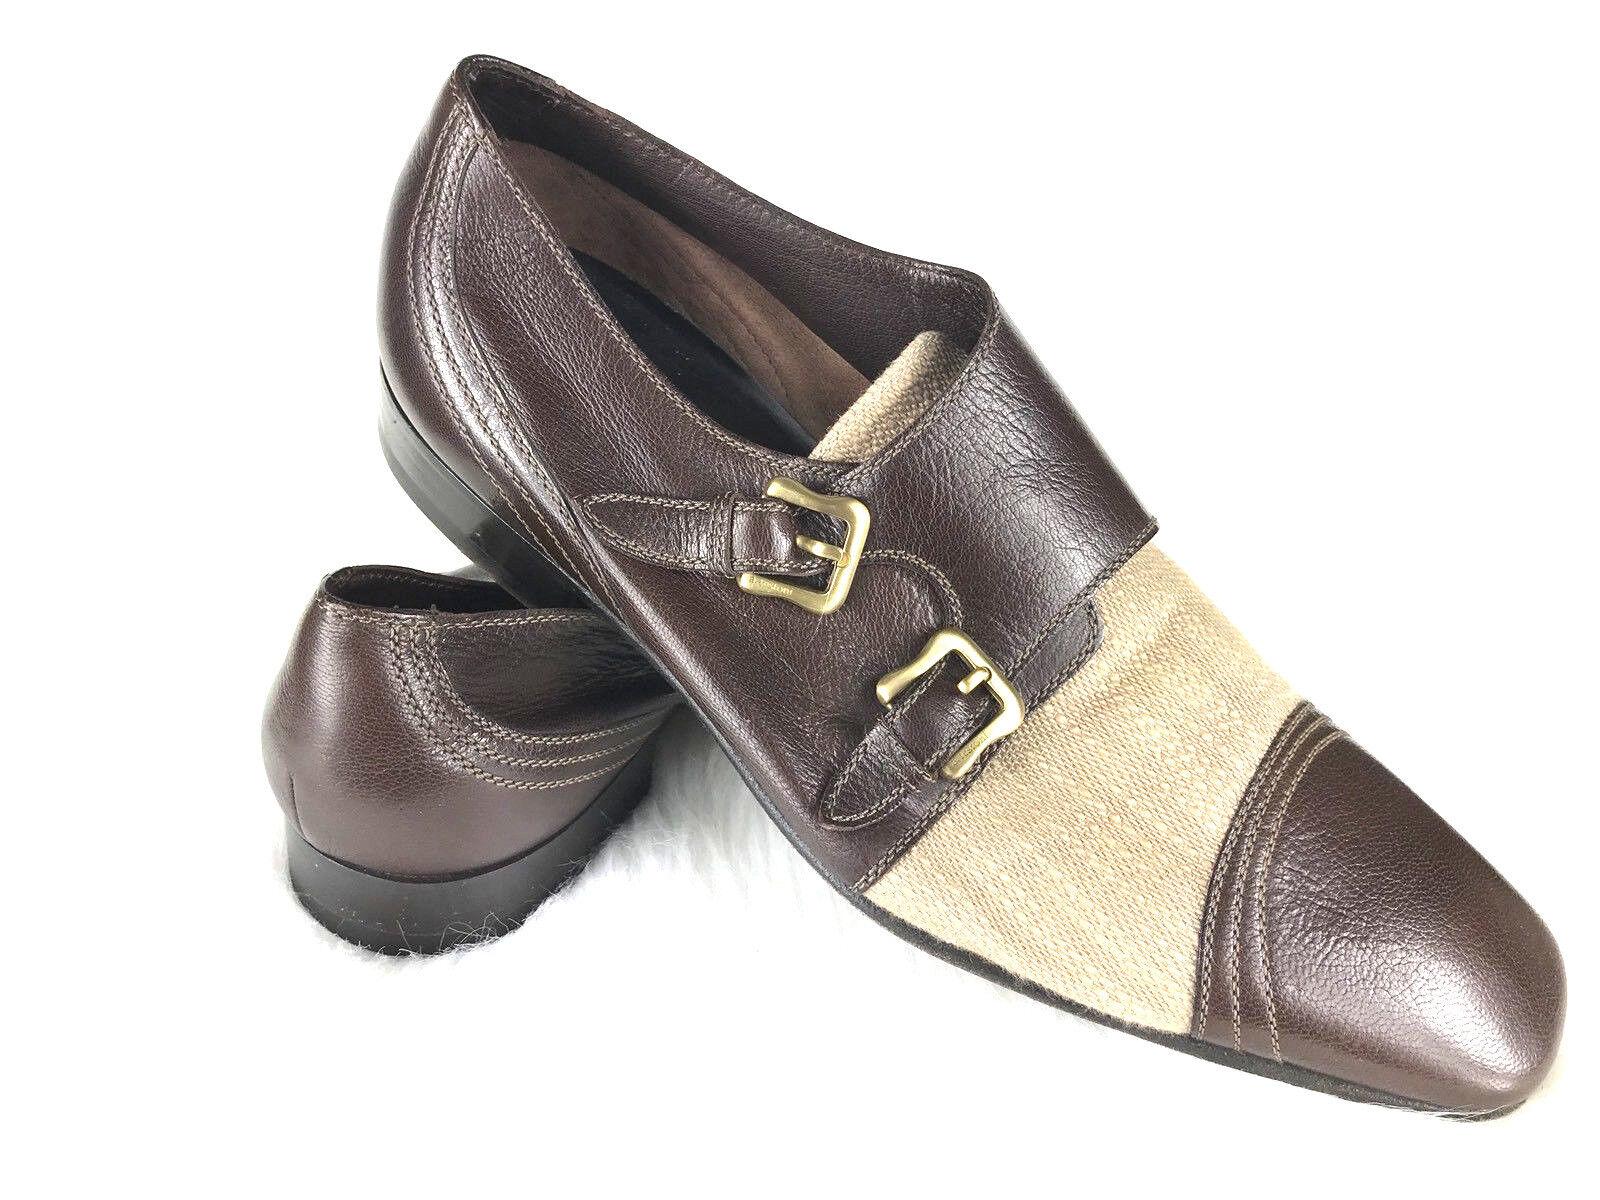 AMAZING A. Testoni Monk Oxford Strap Oxford Monk Dress Schuhe Größe 7 Braun Leder Cap Toe 8ca5b6